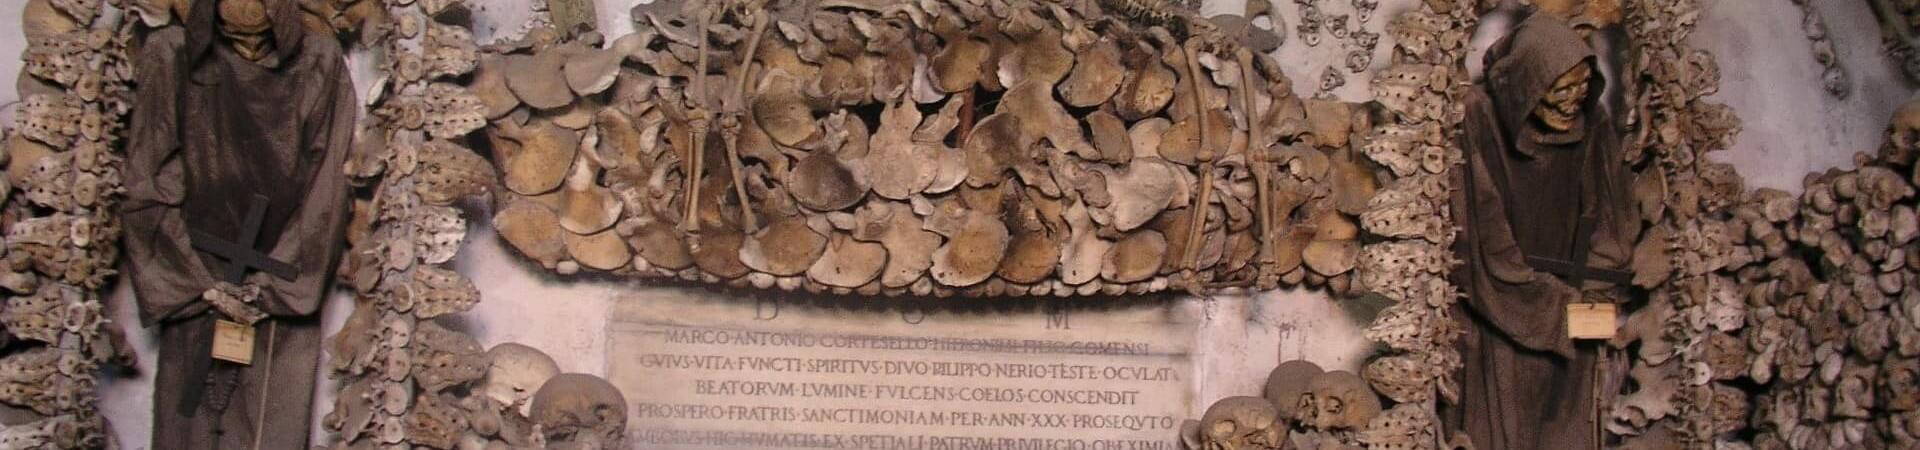 katakumby rzym